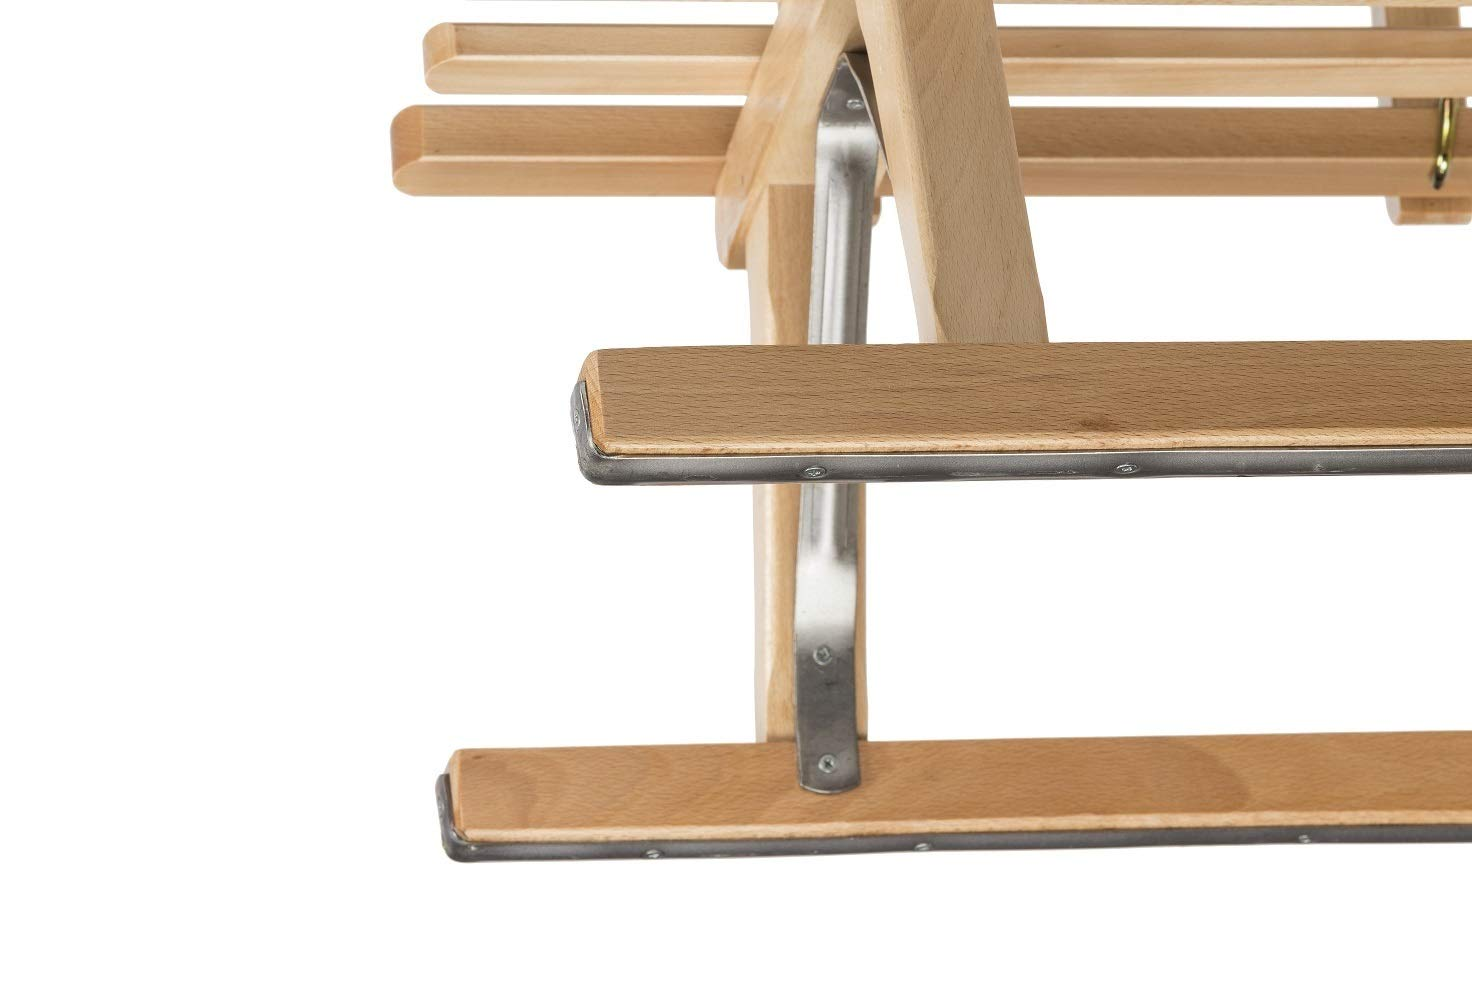 europ/äisches Buche Massivholz Impag/® H/örner Klapp-Schlitten 115 cm Blau Sport-Qualit/ät